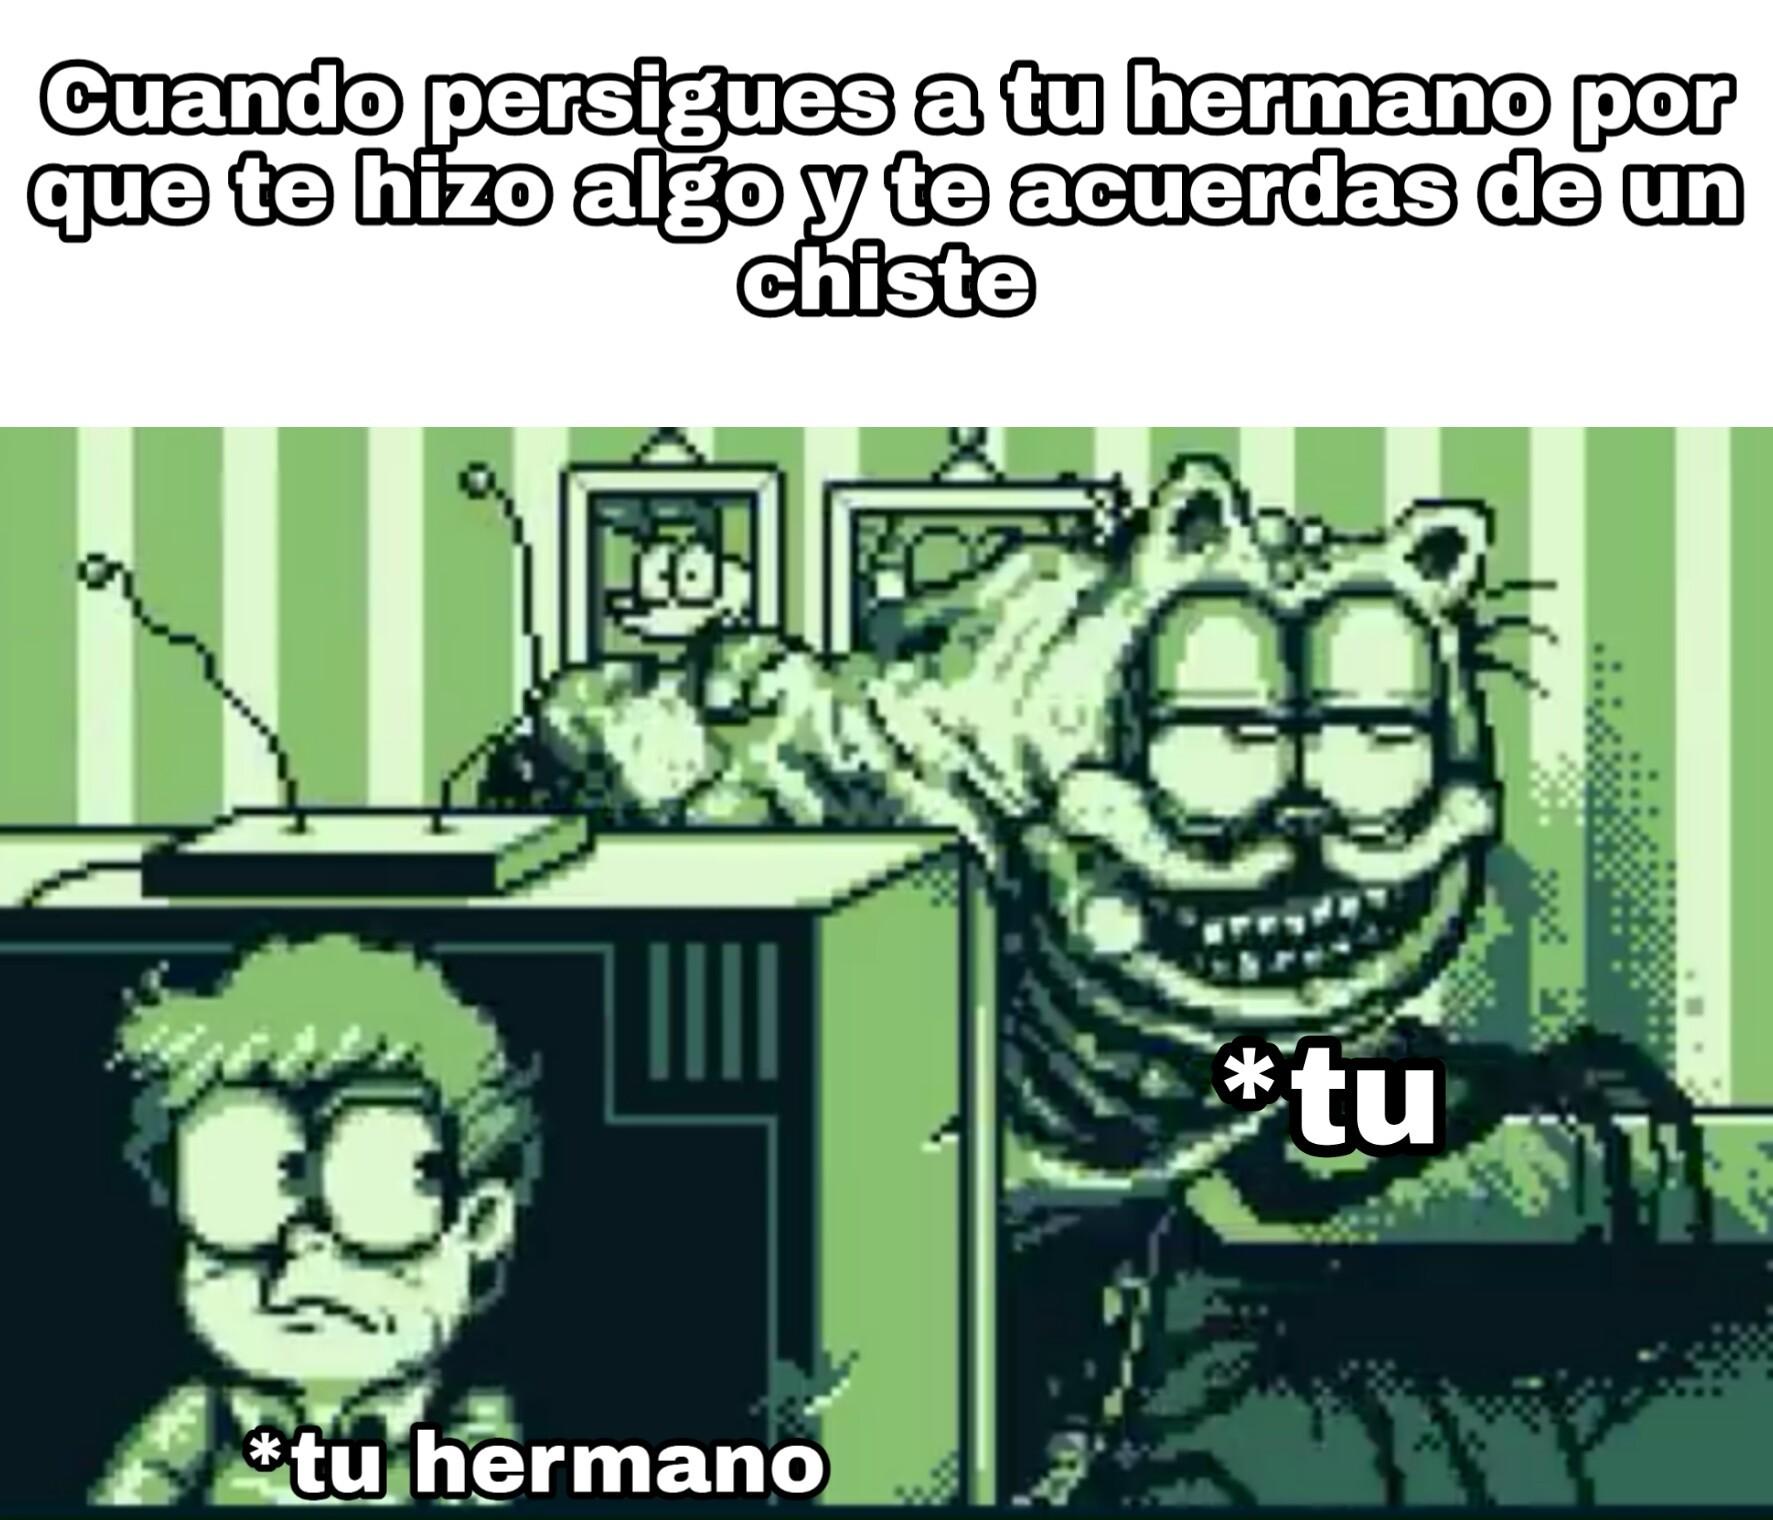 Que bonito el Garfield :D - meme